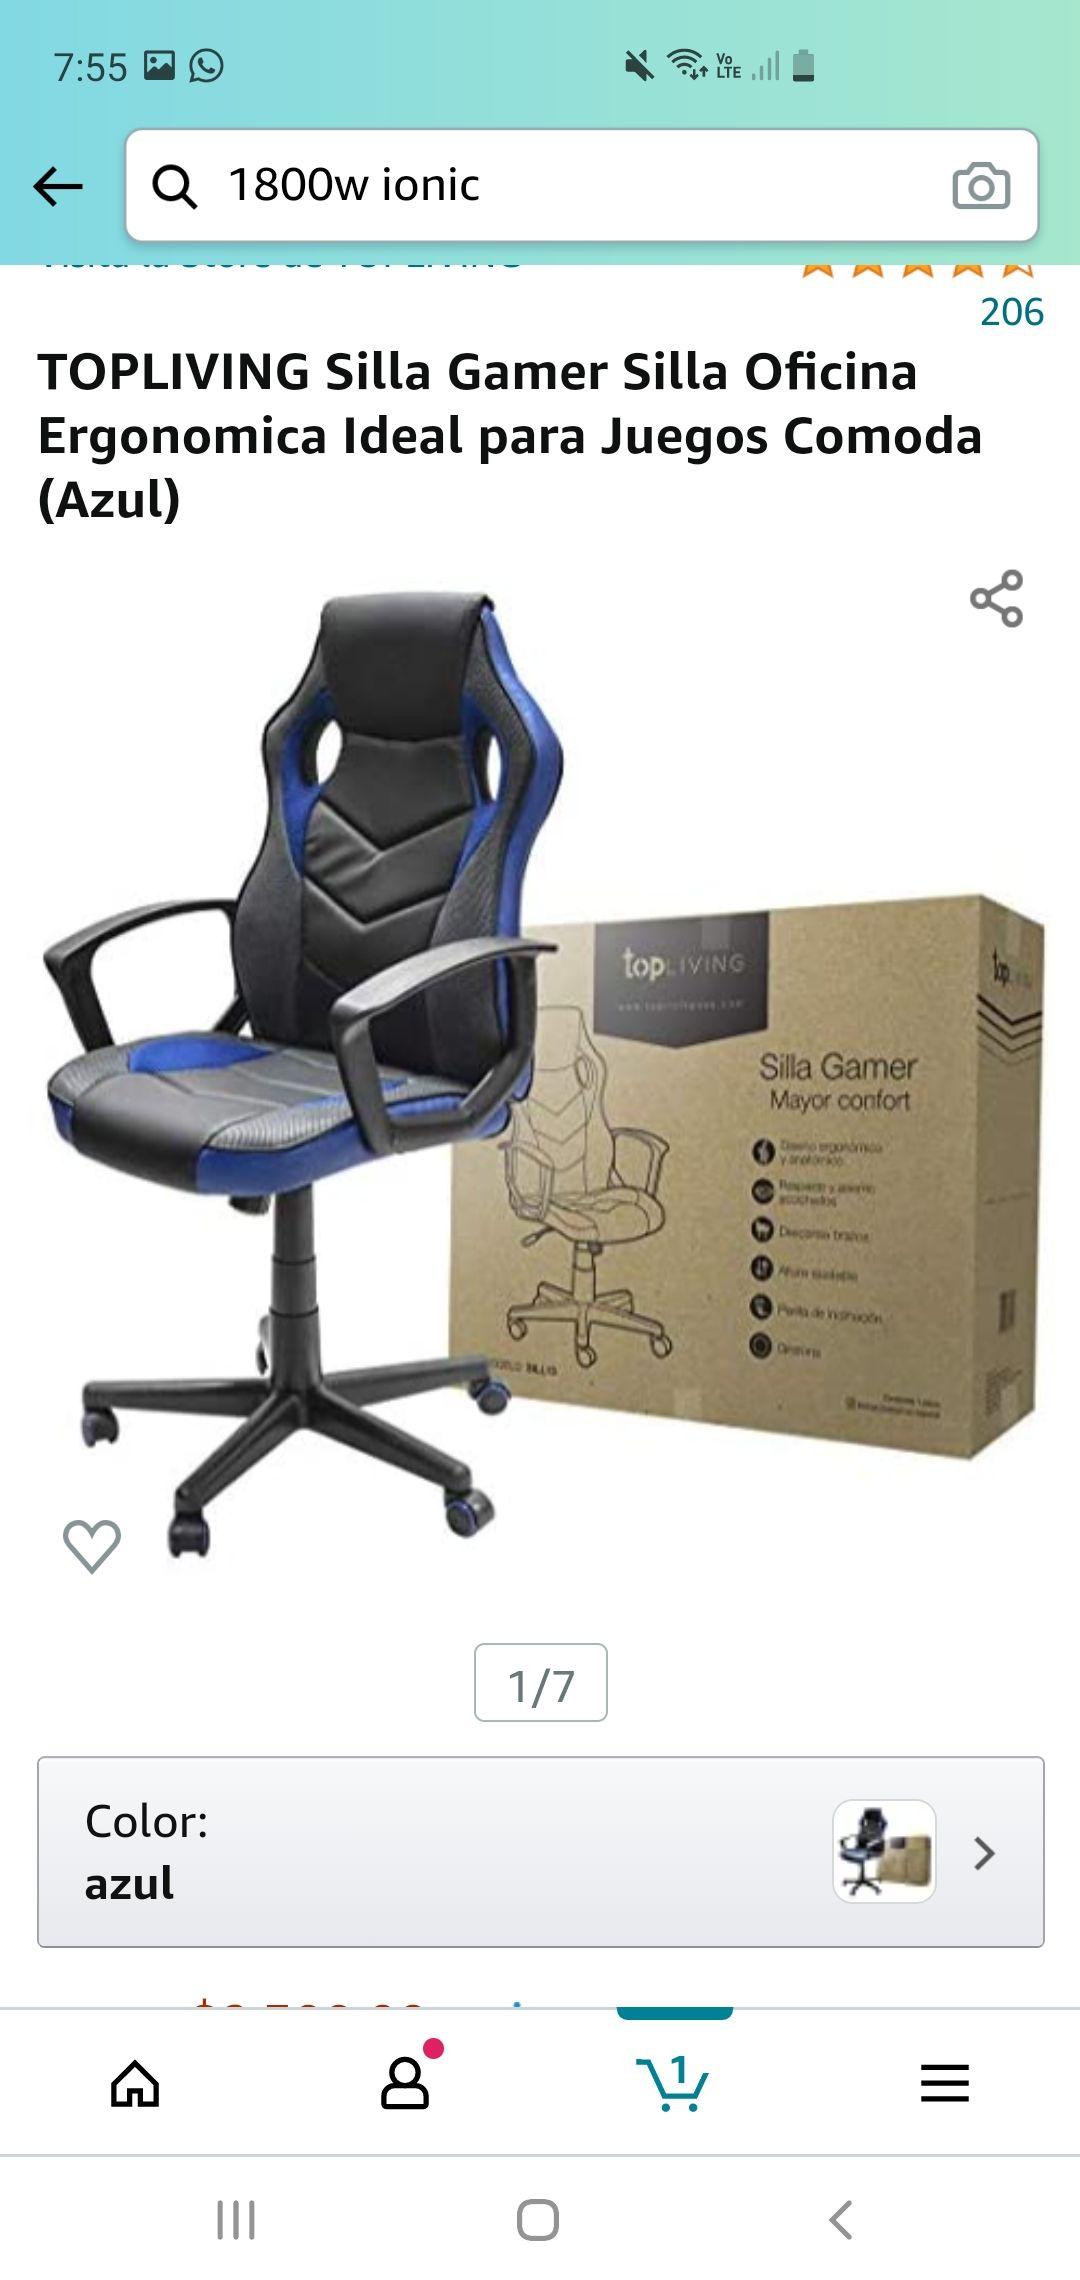 Amazon: TOPLIVING Silla Gamer Silla Oficina Ergonomica Ideal para Juegos Comoda (Azul)